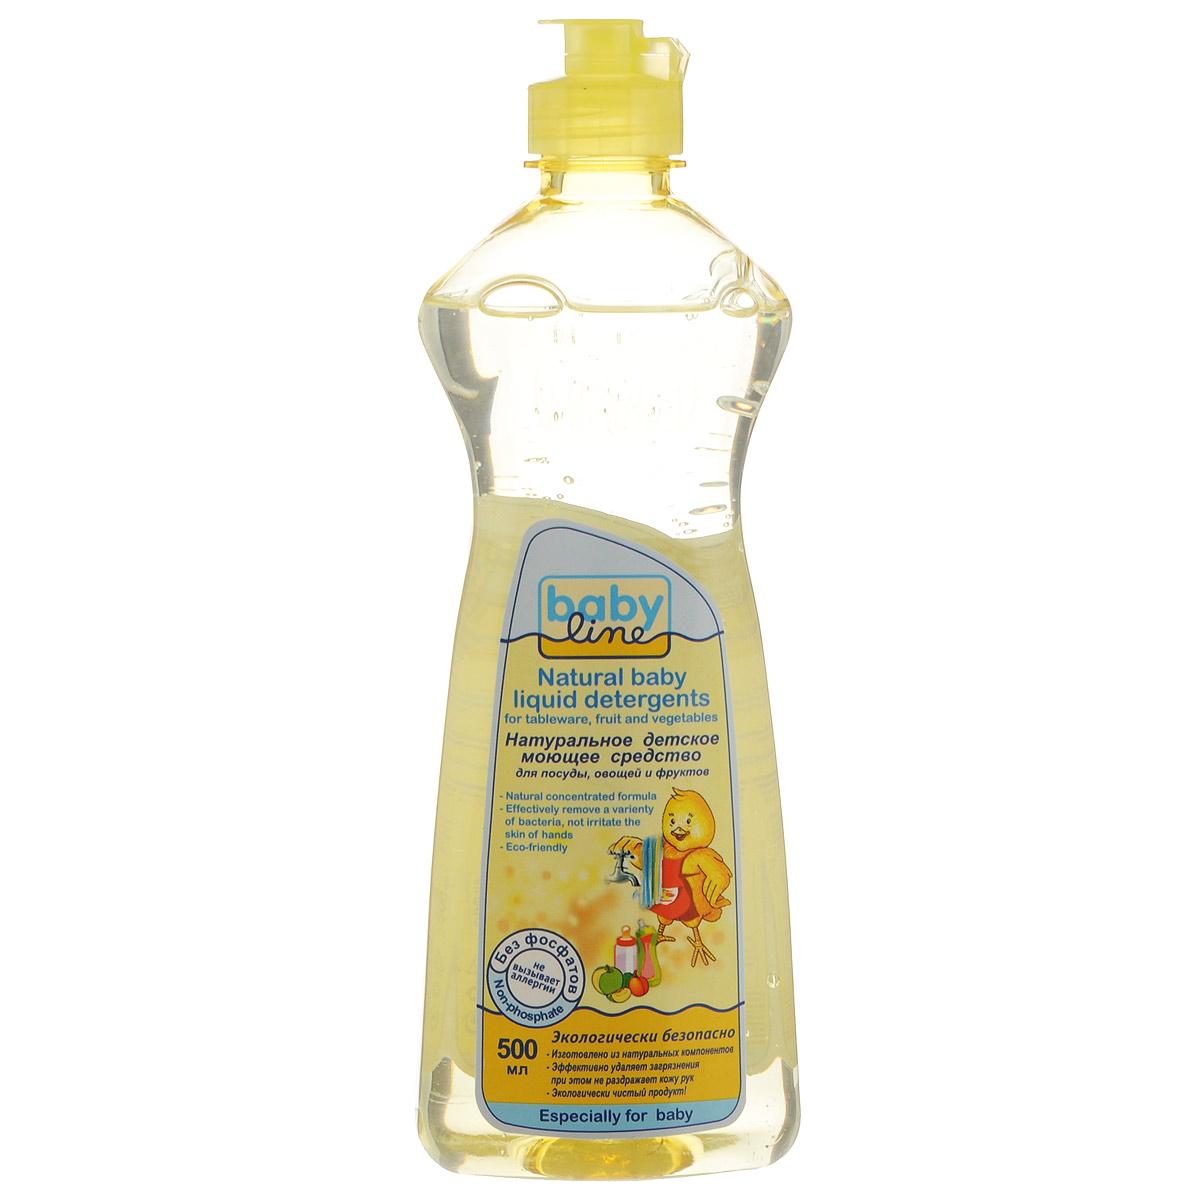 """Натуральное детское моющее средство """"BabyLine"""" изготовлено из натурального сырья и компонентов, используемых в производстве продуктов питания, поэтому полностью безопасно для младенцев с первых дней жизни. Средство на травяной основе эффективно и деликатно удаляет пищевые загрязнения и бактерии с детской посуды, сосок и т.п. Без фосфатов, не вызывает аллергии. Экологически чистый продукт.Способ применения: нанести несколько капель на губку, удалить загрязнение и ополосните водой. Для мытья овощей и фруктов разбавьте средство водой, размешайте и замочите продукты на 3 минуты, затем аккуратно ополосните их кипяченной водой. Товар сертифицирован."""